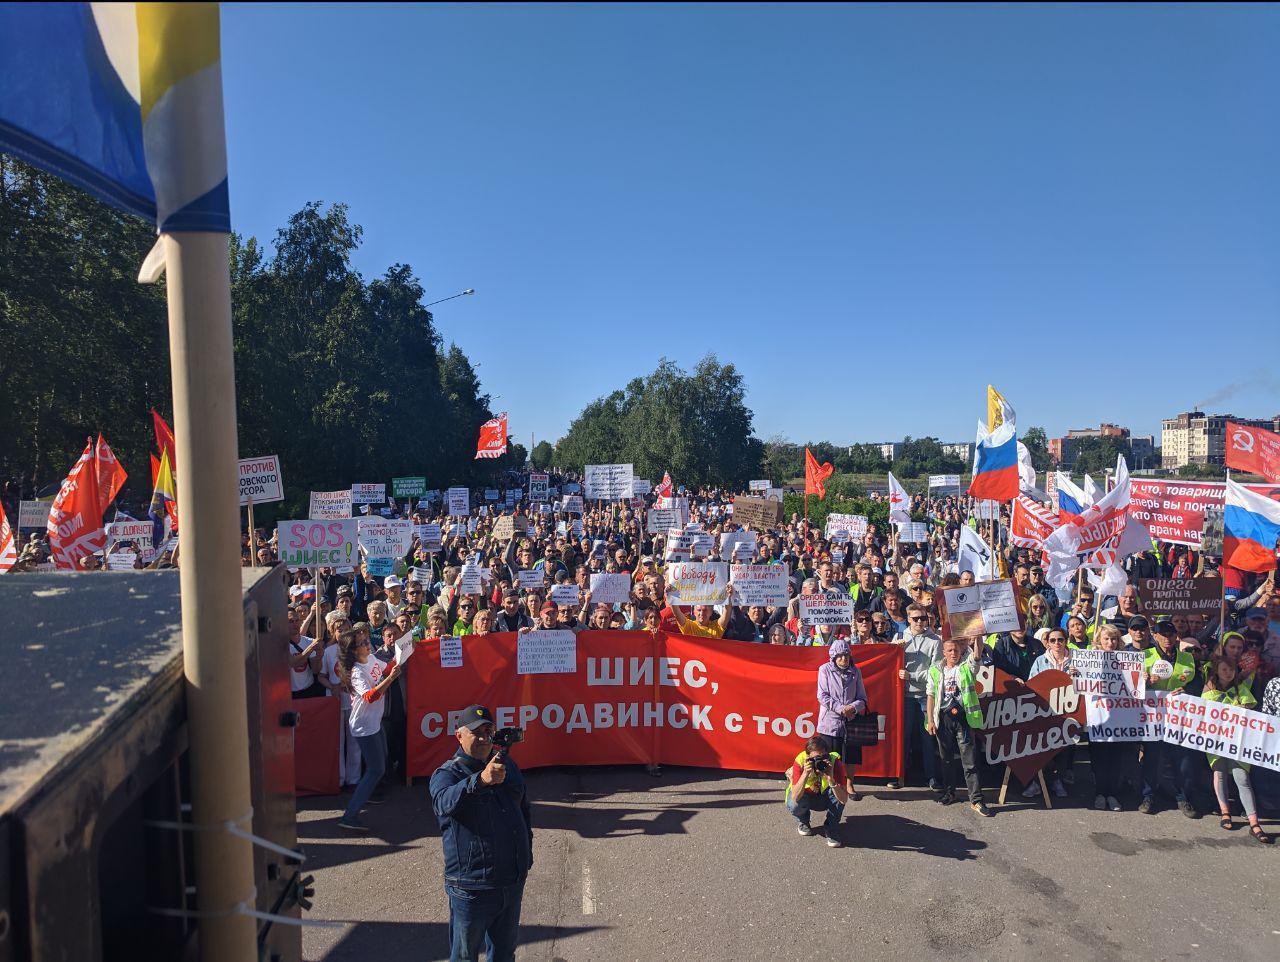 Более 2000 жителей Северодвинска пришли на митинг против строительства полигона Шиес